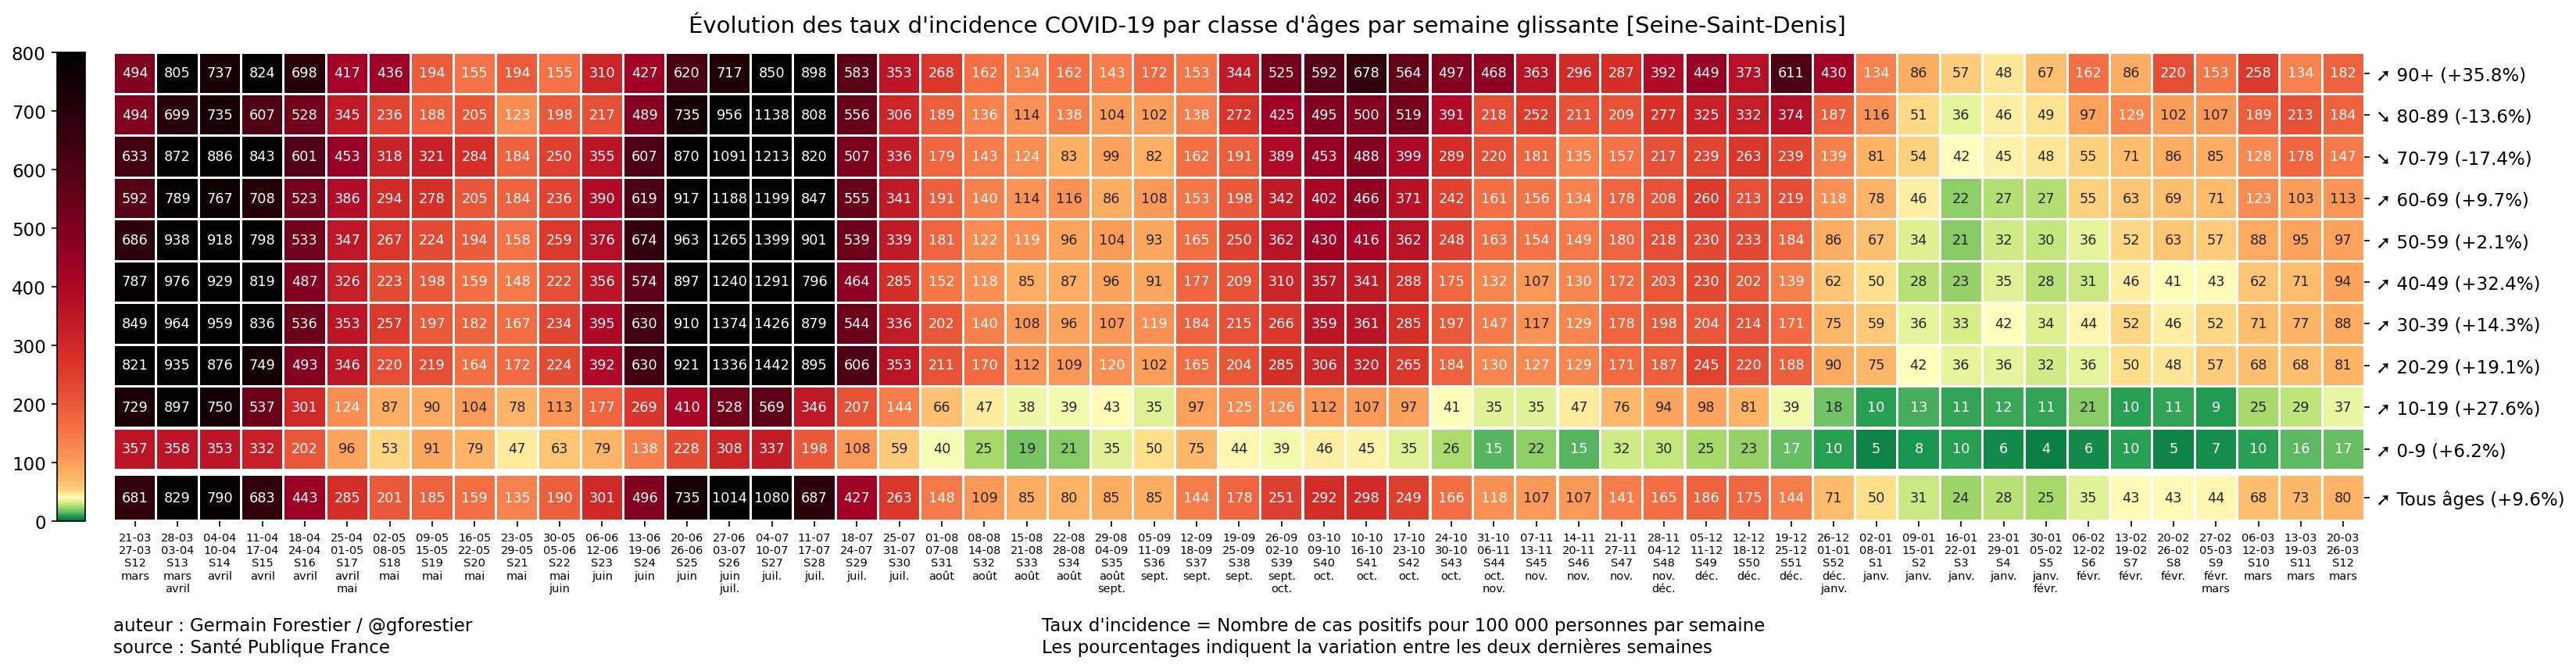 Le coronavirus COVID-19 - Infos, évolution et conséquences - Page 5 93_Seine-Saint-Denis-heatmap-incid-semaine